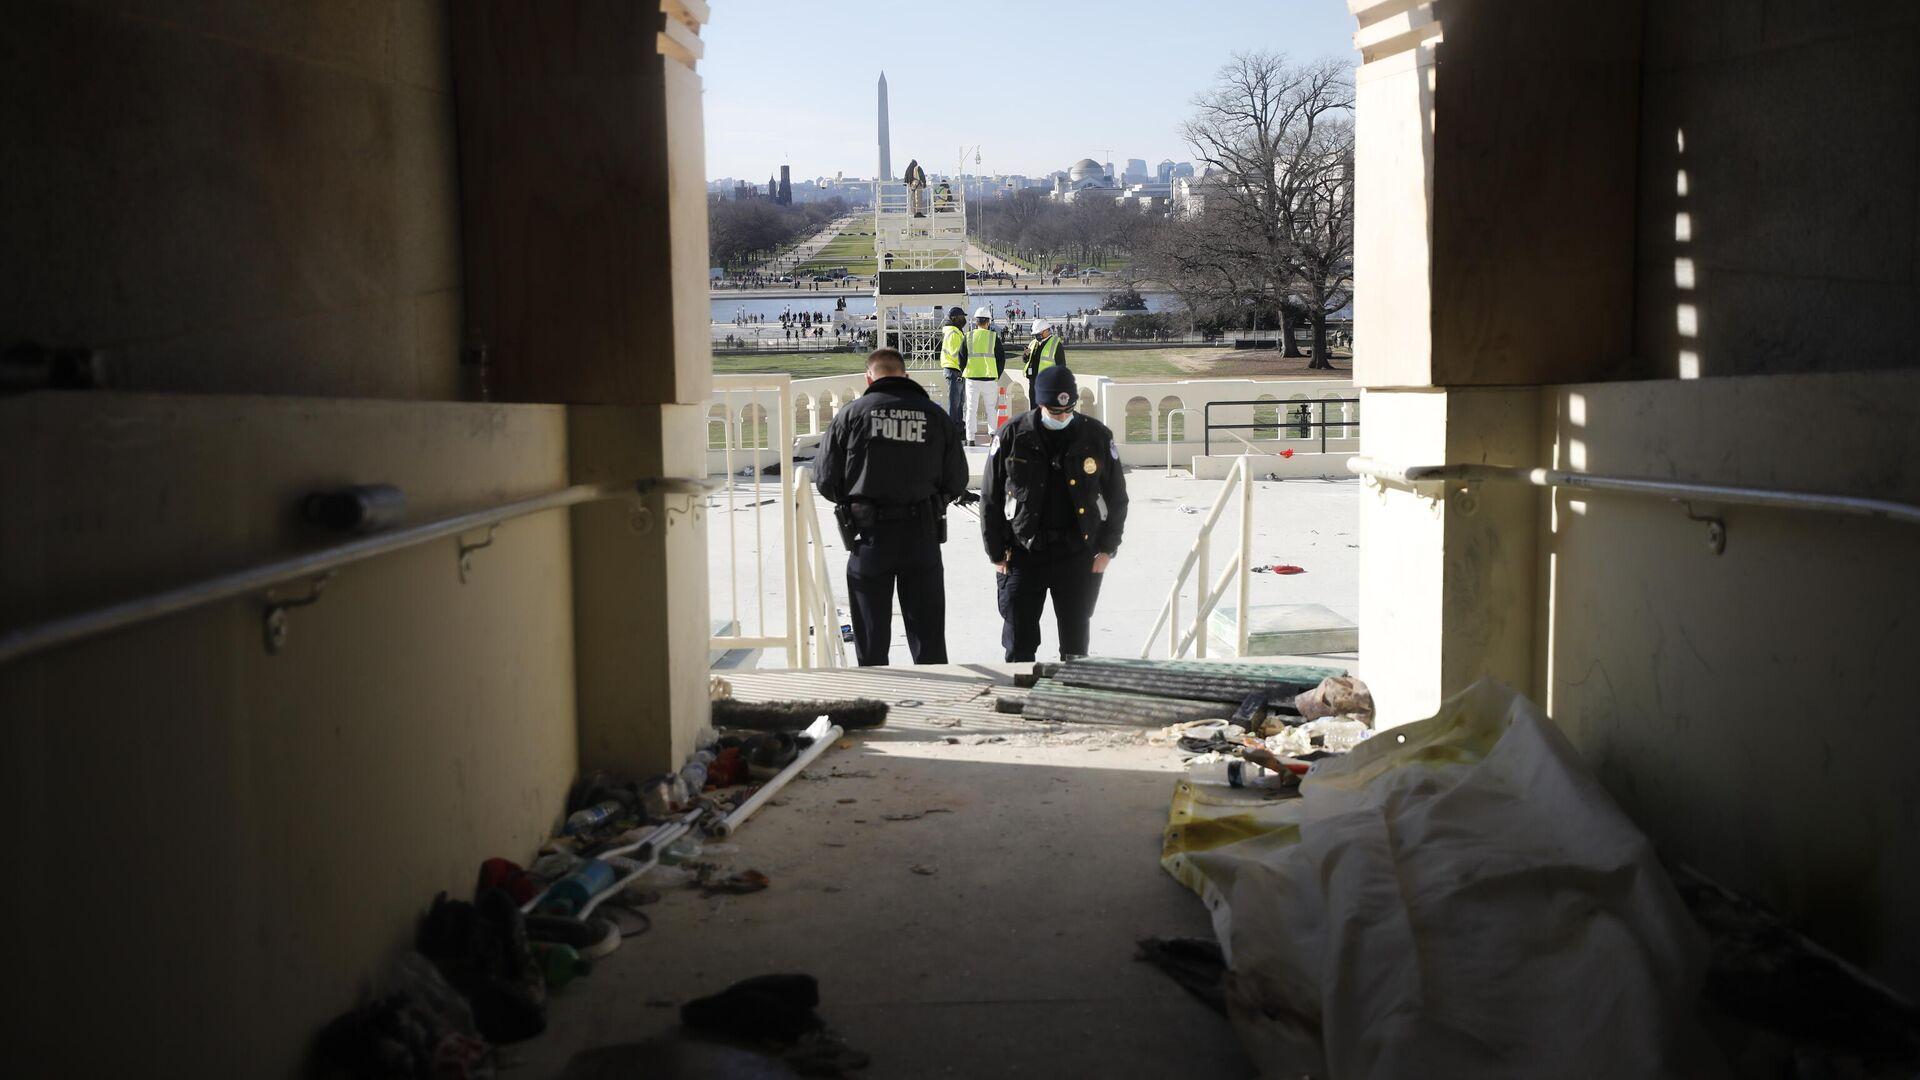 Последствия штурма Капитолия (здания Конгресса США) сторонниками Дональда Трампа на Капитолийском холме в Вашингтоне - РИА Новости, 1920, 19.07.2021